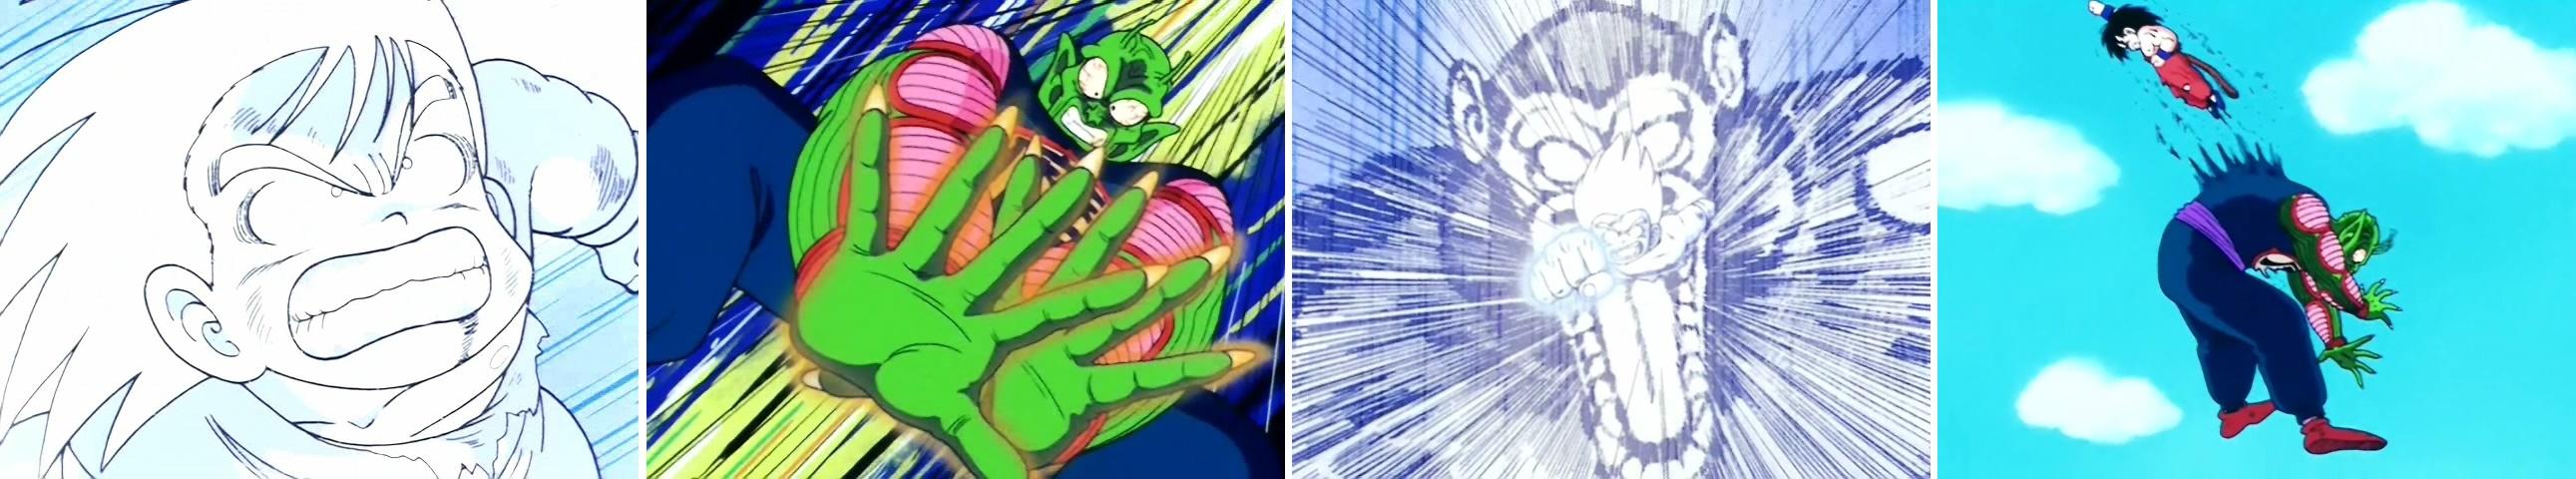 La dernière offensive de Son Gokū contre Piccolo Daimaō dans l'épisode 122 de Dragon Ball :